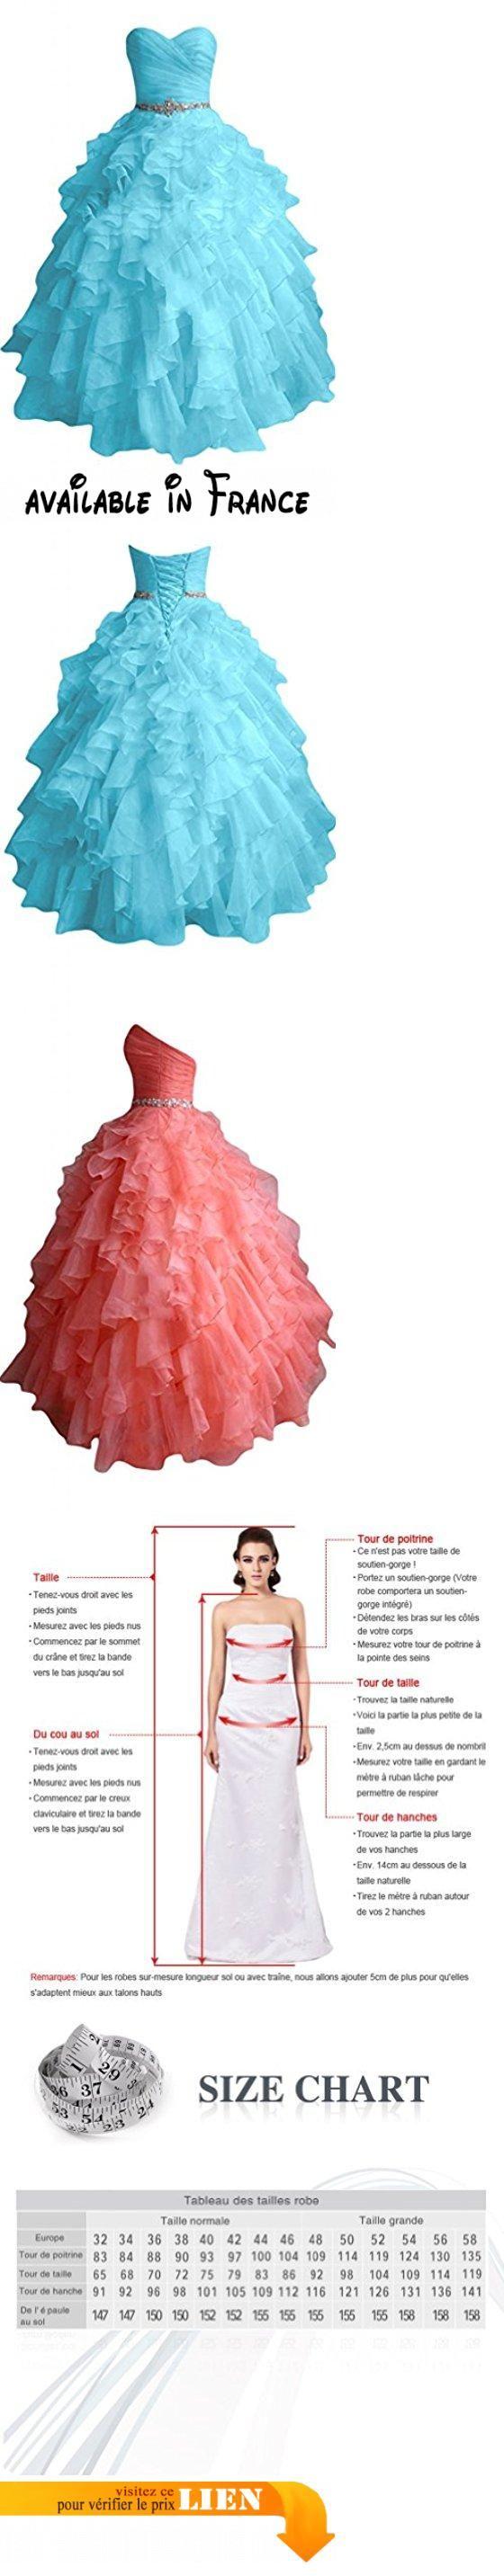 Sunvary robe de soiree robe de bal robe de party princesse organza volants a cascades taille 48 bleu il y a peut etre une deviation entre la couleur de